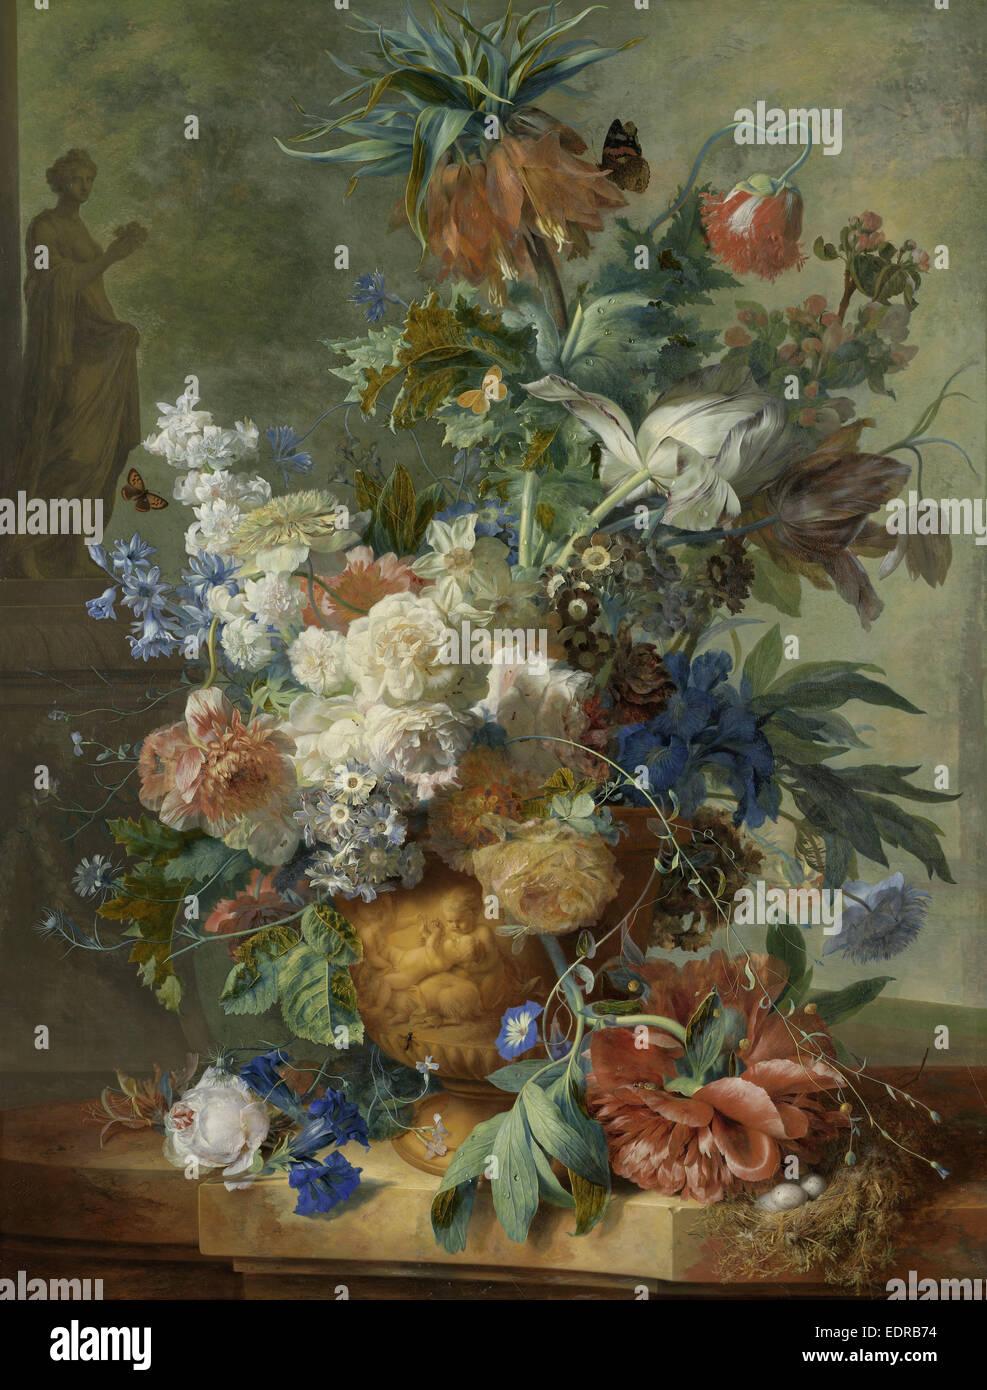 Nature morte avec fleurs, Jan van Huysum, 1723 Photo Stock